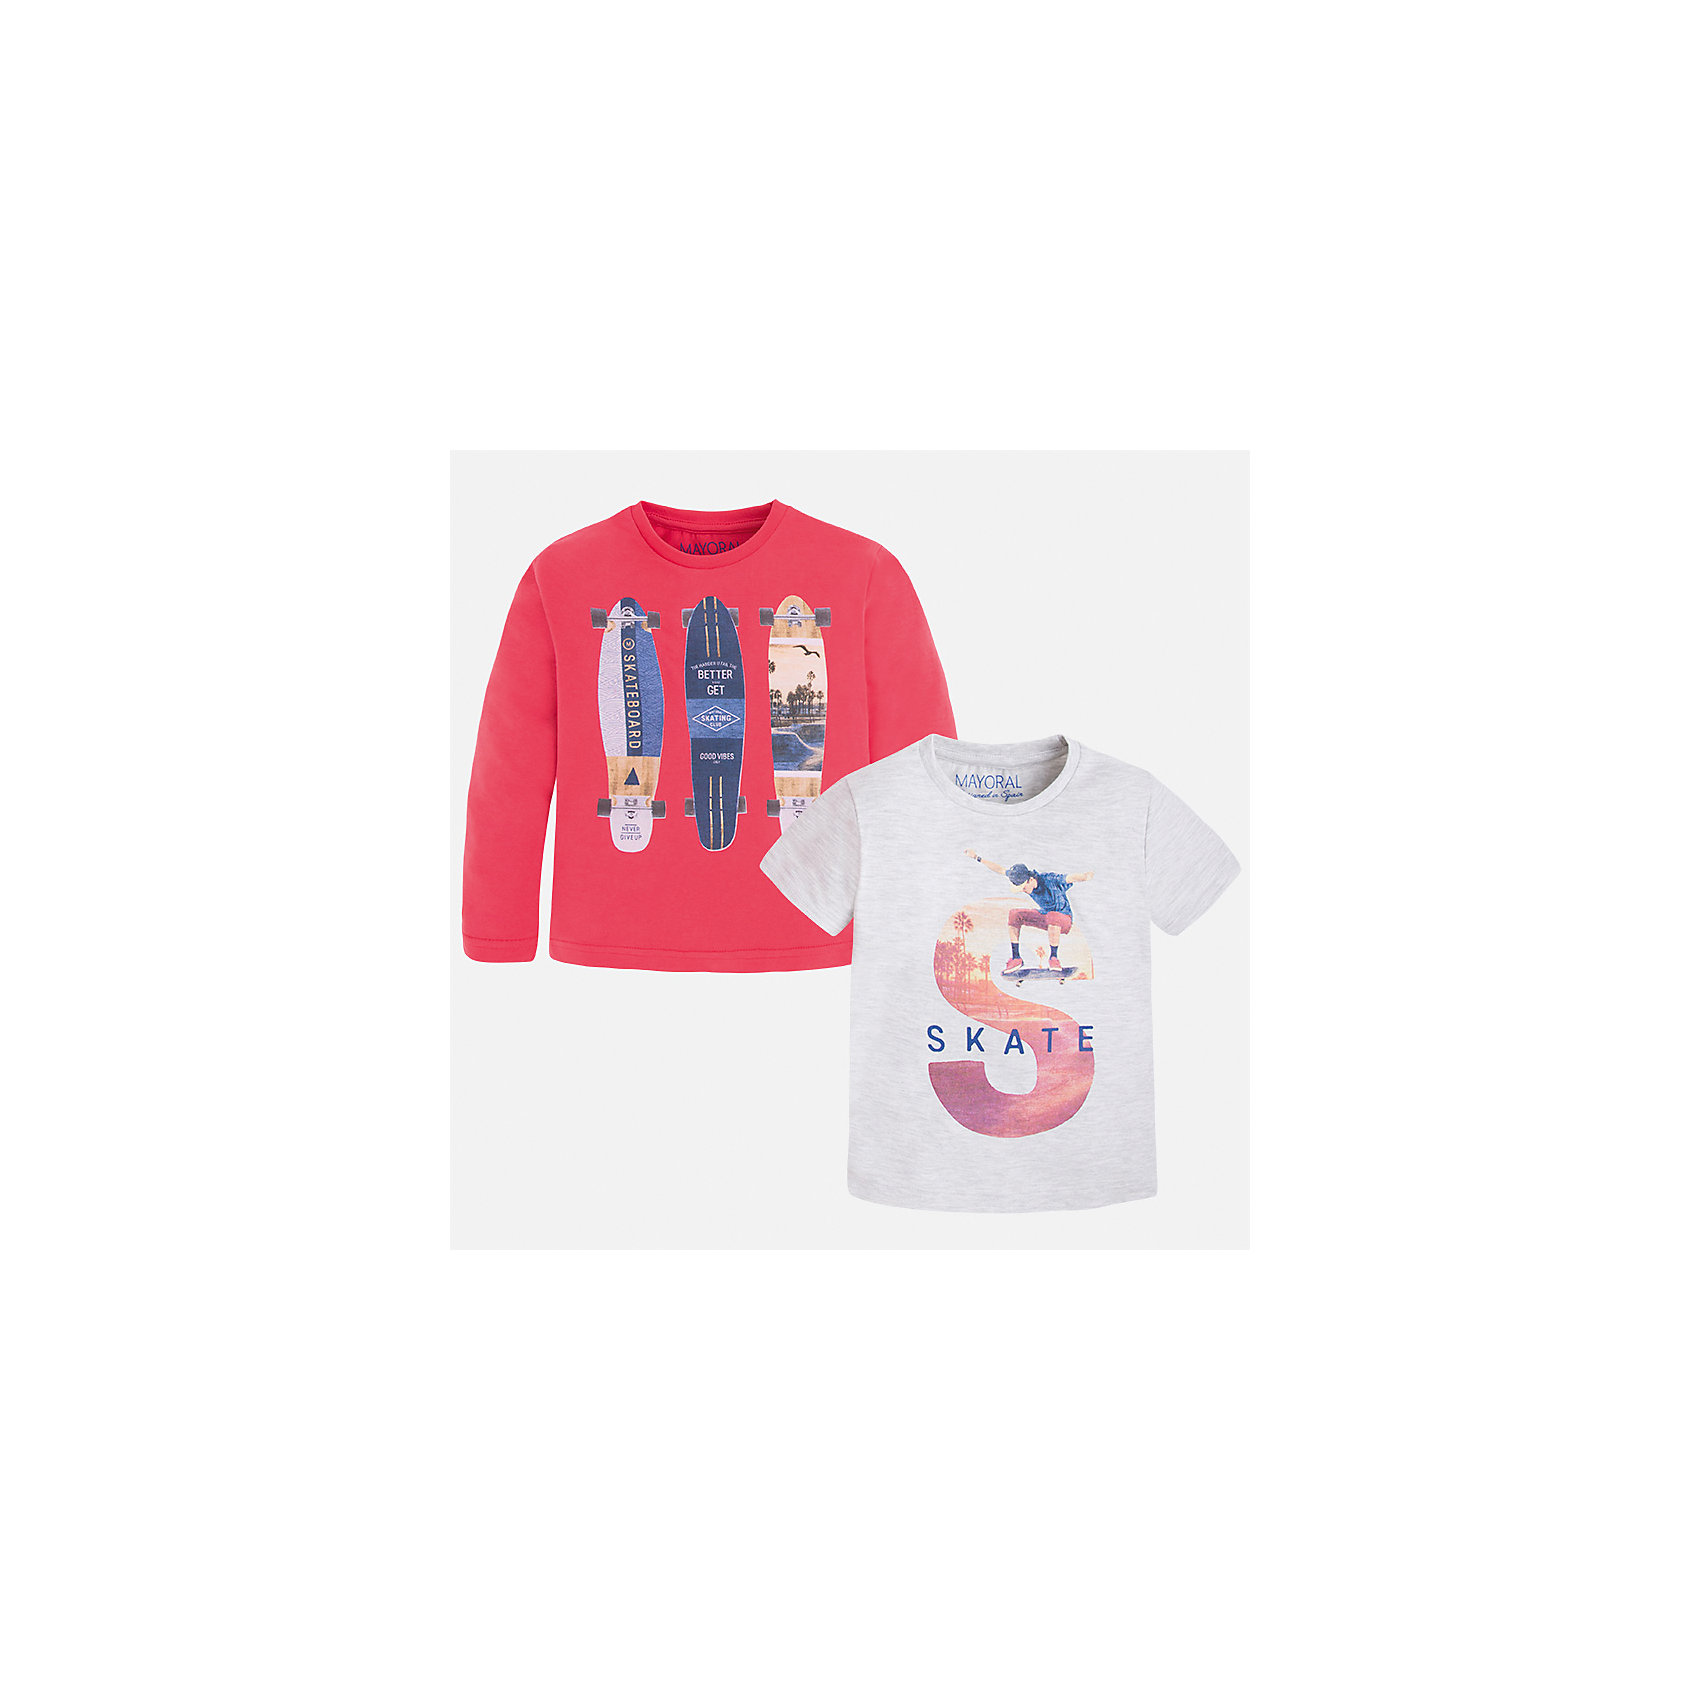 Комплект: футболка и футболка с длинным рукавом для мальчика MayoralХарактеристики товара:<br><br>• цвет: красный/белый<br>• состав: лонгслив - 100% хлопок; футболка - 60% хлопок, 40% полиэстер<br>• комплектация: футболка и футболка с длинным рукавом <br>• круглый горловой вырез<br>• декорированы принтом<br>• отделка горловины<br>• страна бренда: Испания<br><br>Удобная модная футболка с принтом поможет разнообразить гардероб мальчика. Она отлично сочетается с брюками, шортами, джинсами. Универсальный крой и цвет позволяет подобрать к вещи низ разных расцветок. Практичное и стильное изделие! Хорошо смотрится и комфортно сидит на детях. В составе материала - только натуральный хлопок, гипоаллергенный, приятный на ощупь, дышащий. В комплекте - сразу две стильные вещи!<br><br>Одежда, обувь и аксессуары от испанского бренда Mayoral полюбились детям и взрослым по всему миру. Модели этой марки - стильные и удобные. Для их производства используются только безопасные, качественные материалы и фурнитура. Порадуйте ребенка модными и красивыми вещами от Mayoral! <br><br>Комплект: футболка и футболка с длинным рукавом для мальчика от испанского бренда Mayoral (Майорал) можно купить в нашем интернет-магазине.<br><br>Ширина мм: 199<br>Глубина мм: 10<br>Высота мм: 161<br>Вес г: 151<br>Цвет: красный<br>Возраст от месяцев: 60<br>Возраст до месяцев: 72<br>Пол: Мужской<br>Возраст: Детский<br>Размер: 116,134,128,122,110,104,98,92<br>SKU: 5280255